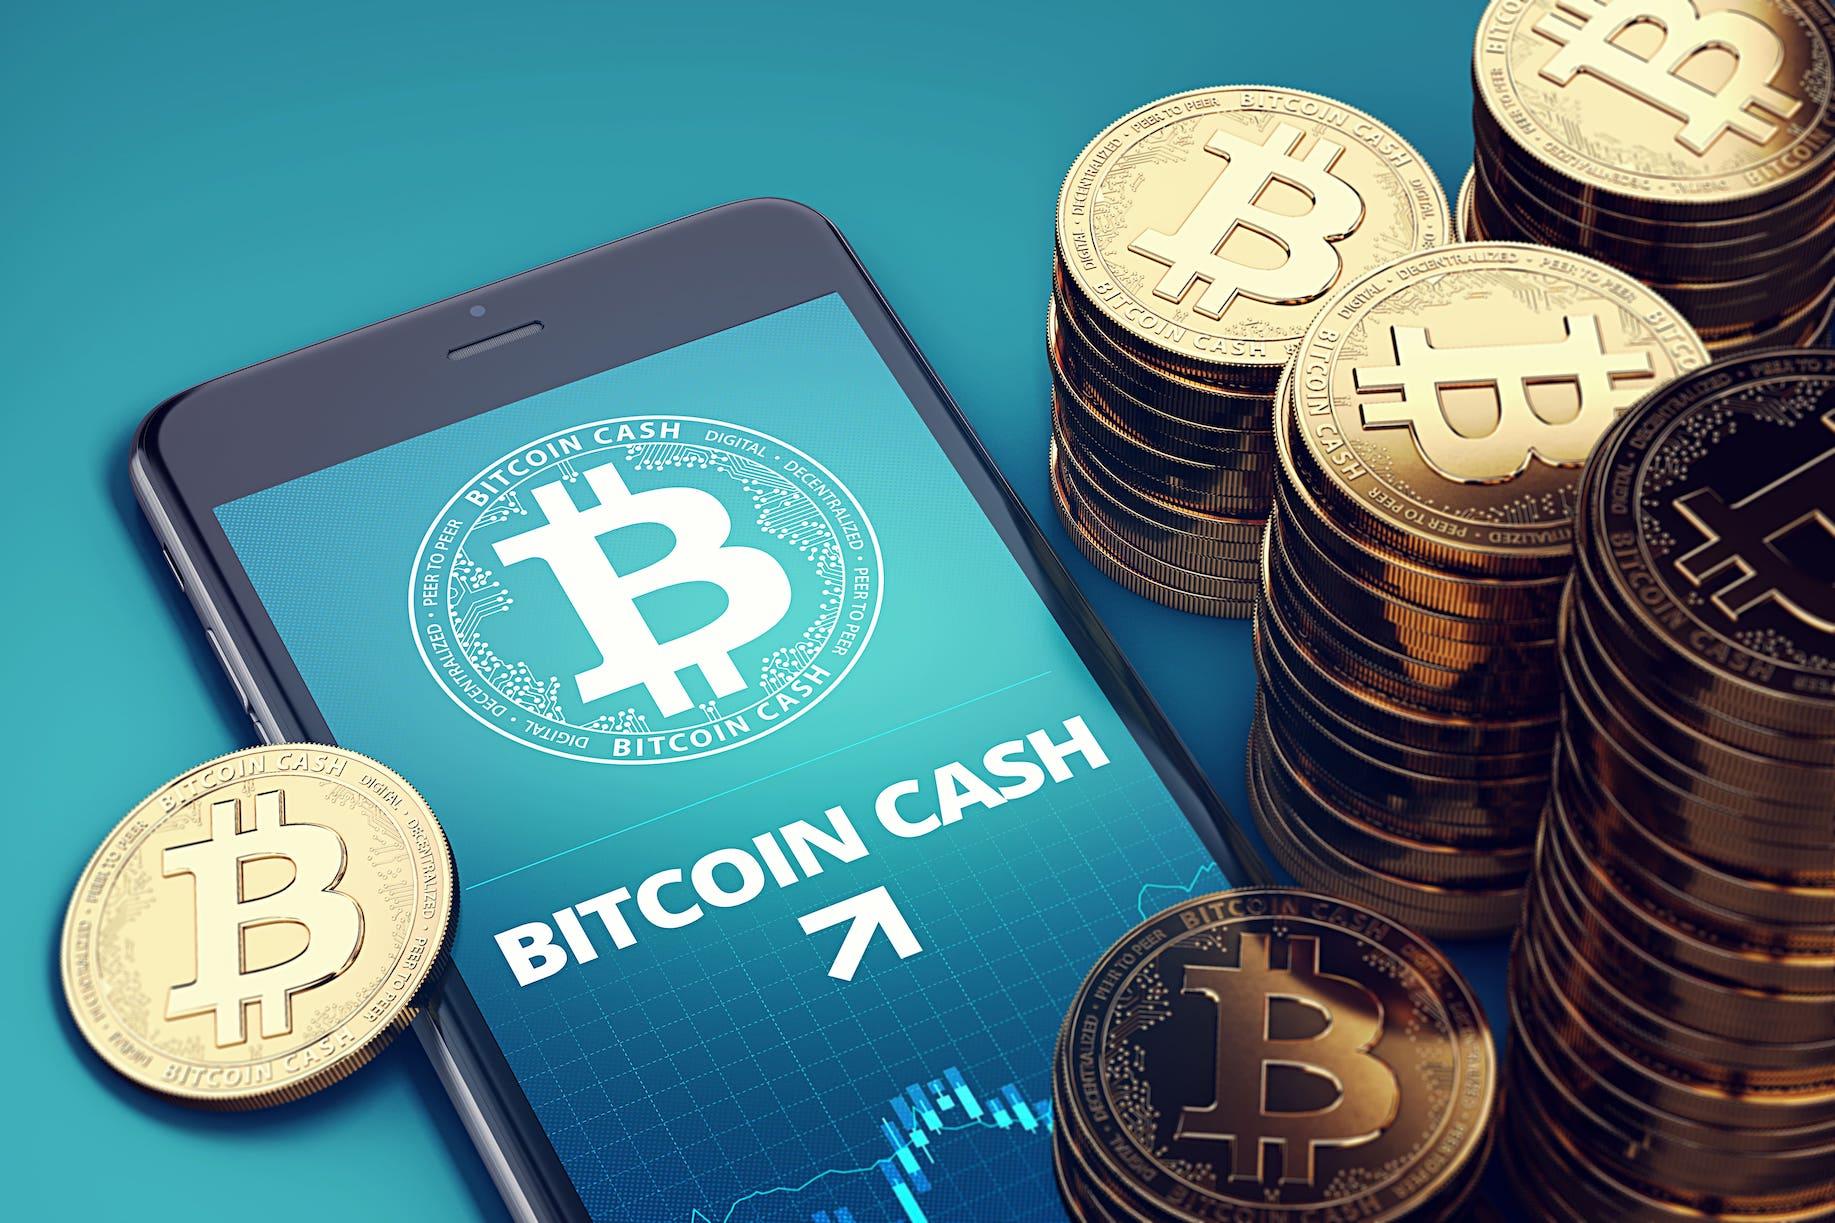 ビットコインキャッシュ(BitcoinCash/BCH)は将来的に儲かる?特徴と将来性について